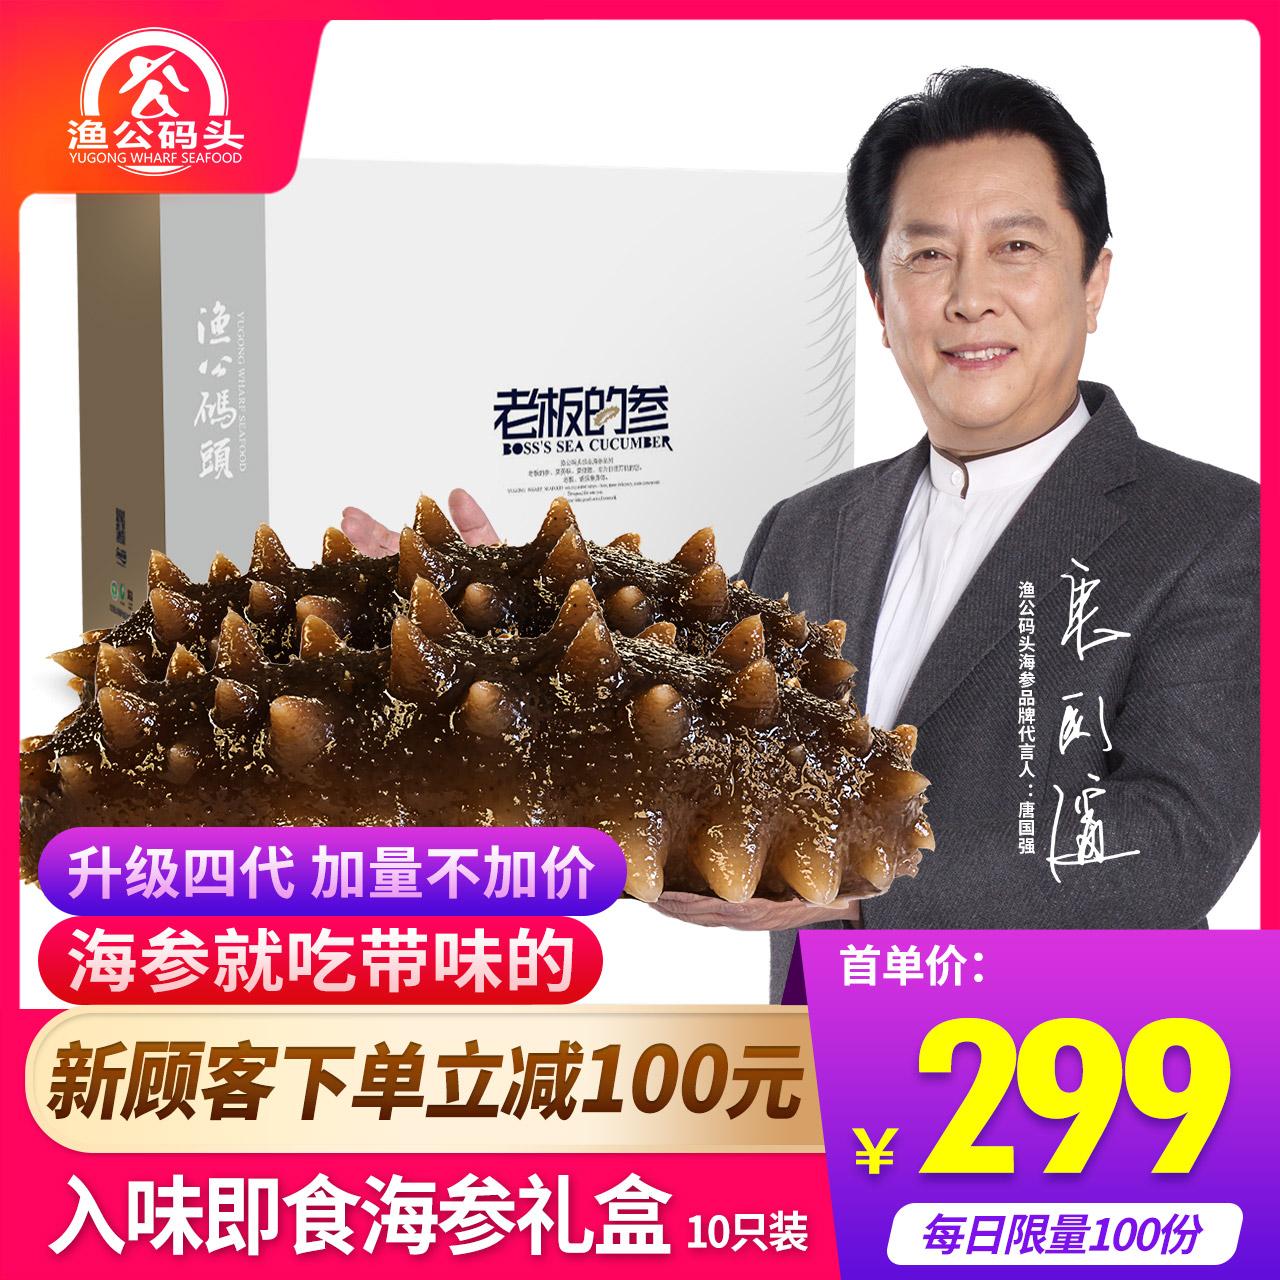 抢拍299元 渔公码头大连鲜食入味即食海参10只礼盒装美味刺参